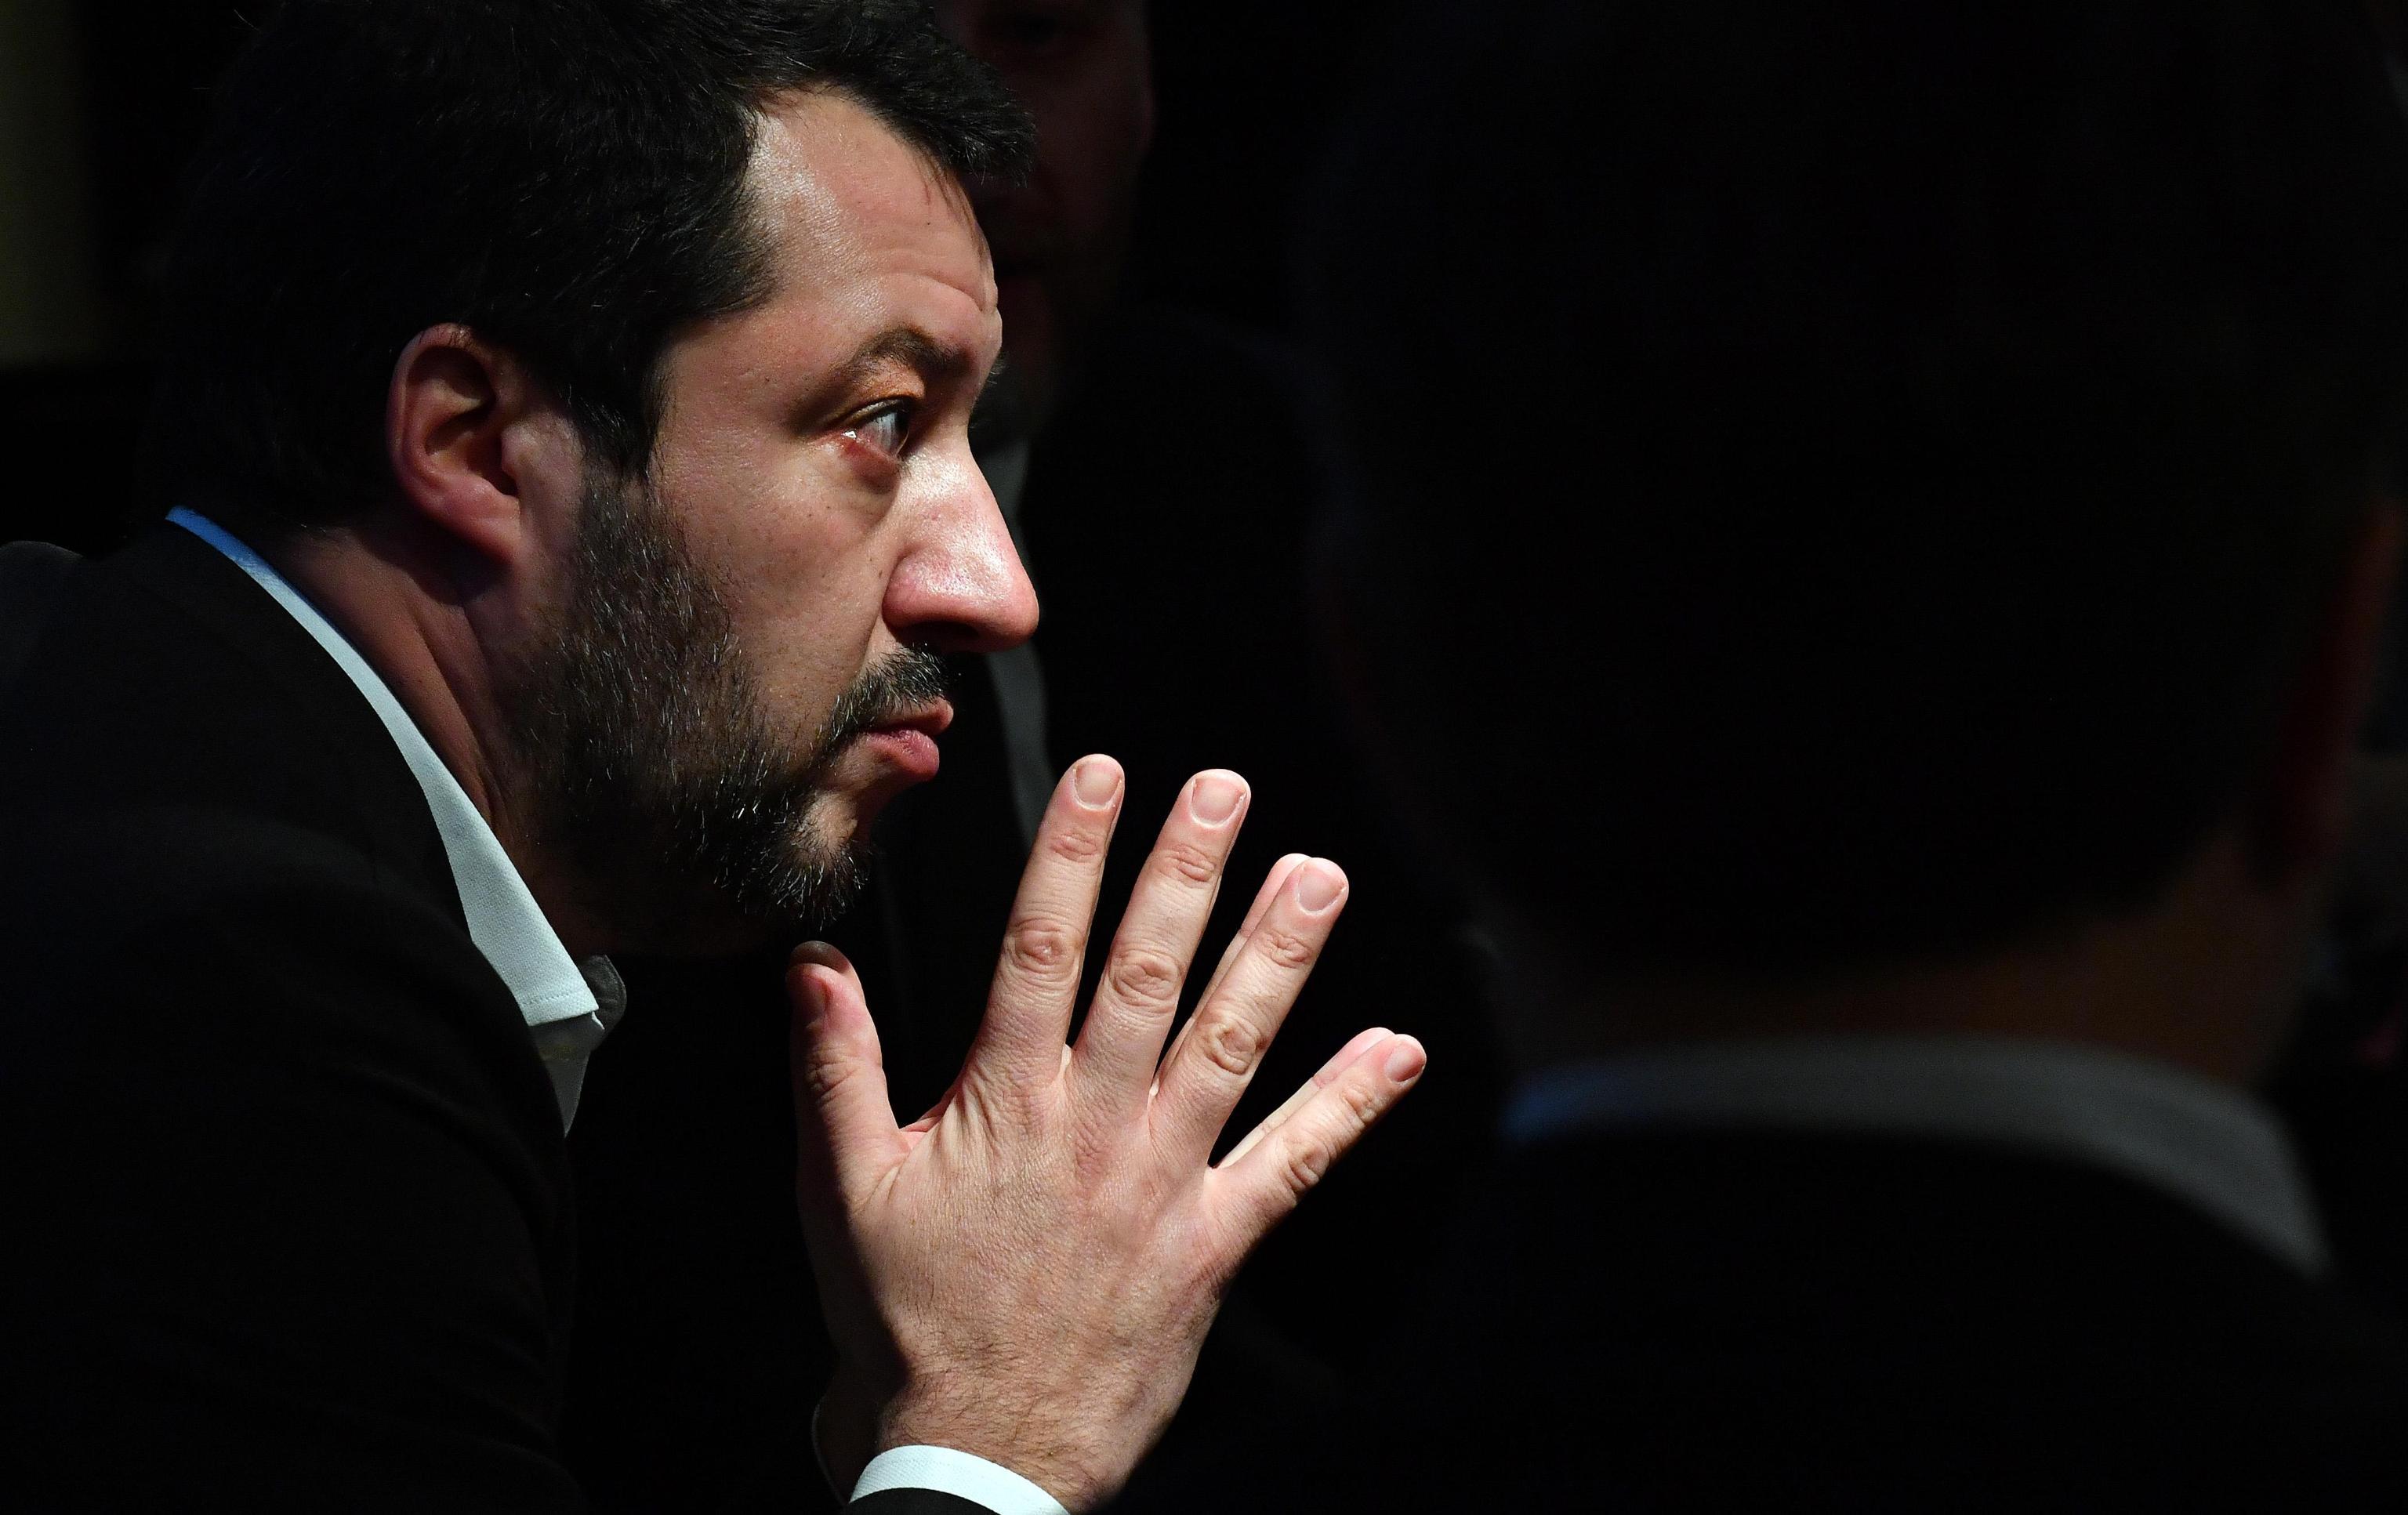 Salvini attacca Mattarella sulla condanna del fascismo: 'Fece anche cose buone'